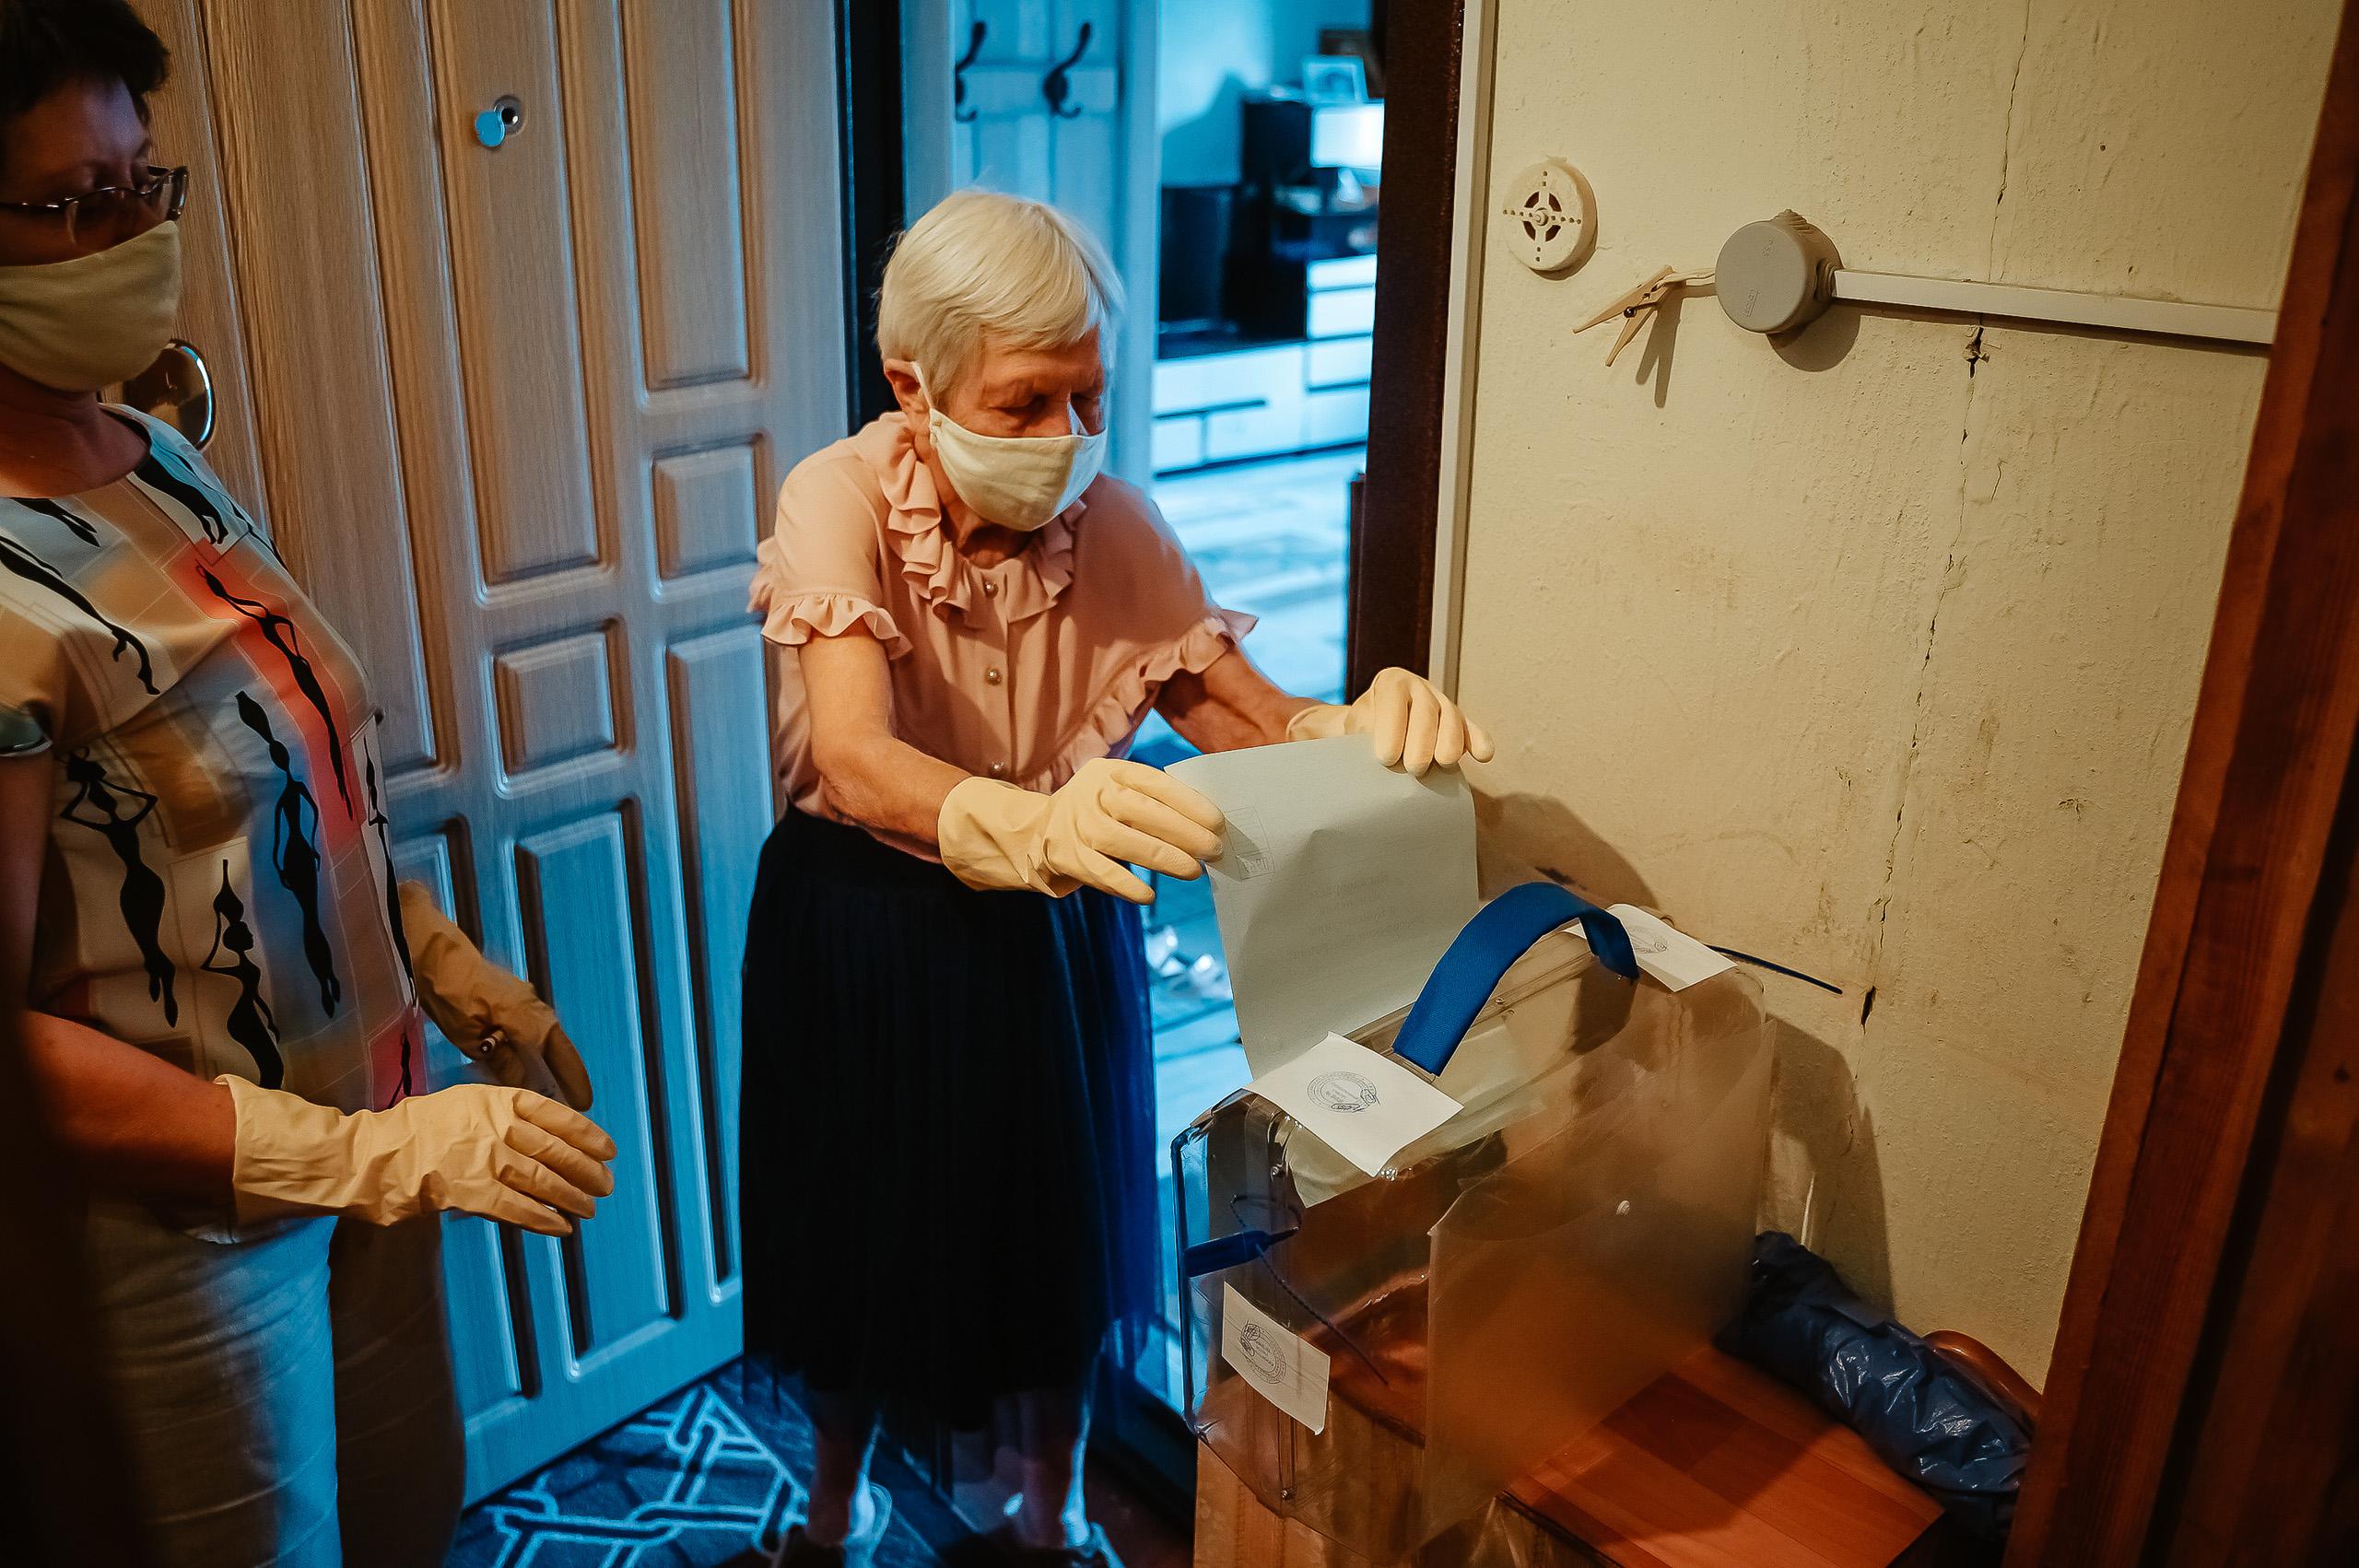 1 июля – основной день Общероссийского голосования по поправкам в Конституцию РФ